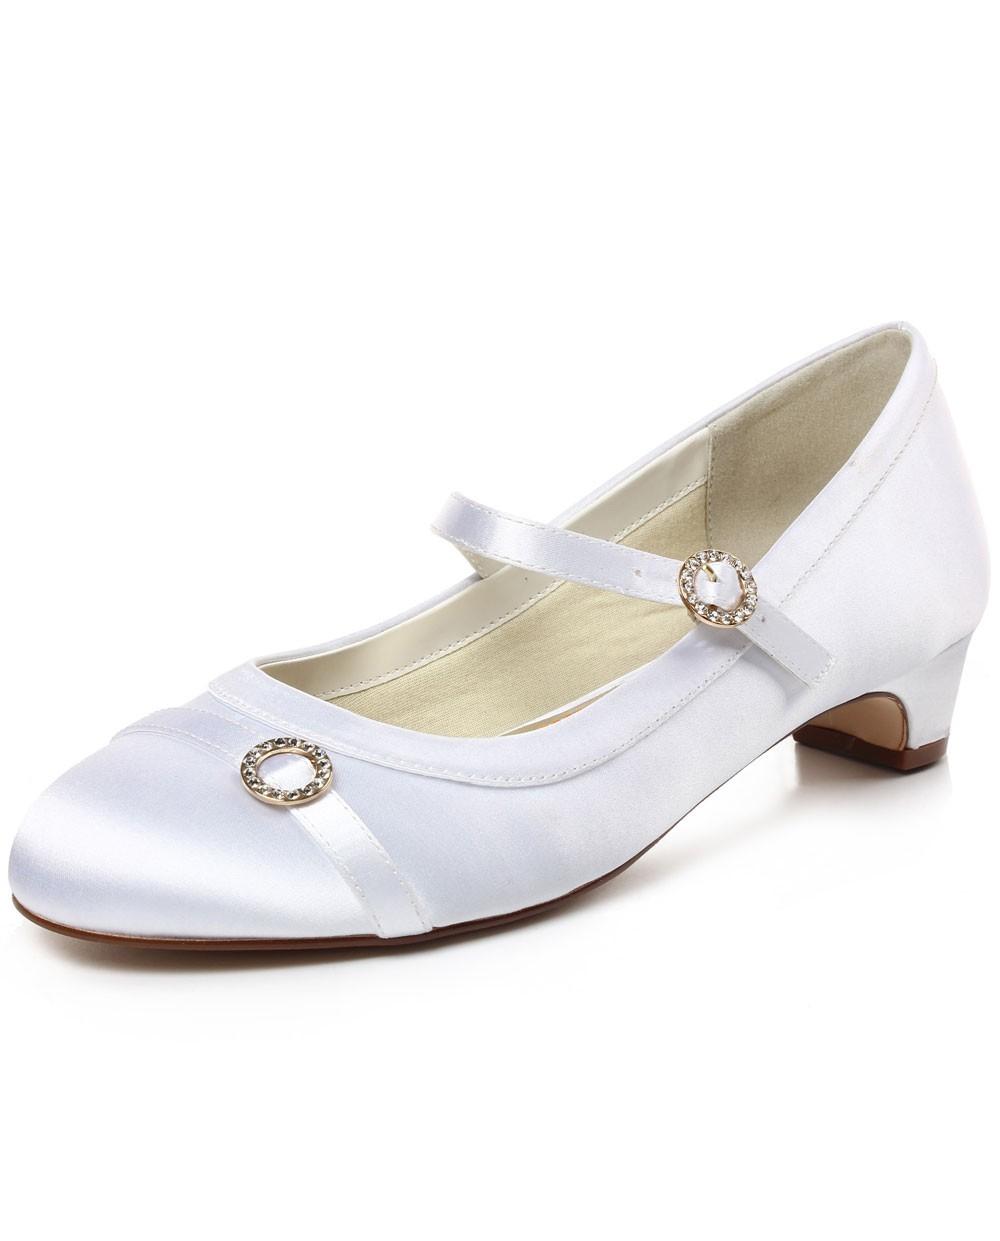 reputable site 6813e b1577 scarpe da comunione bambina 2018 online Eleganti da cerimonia